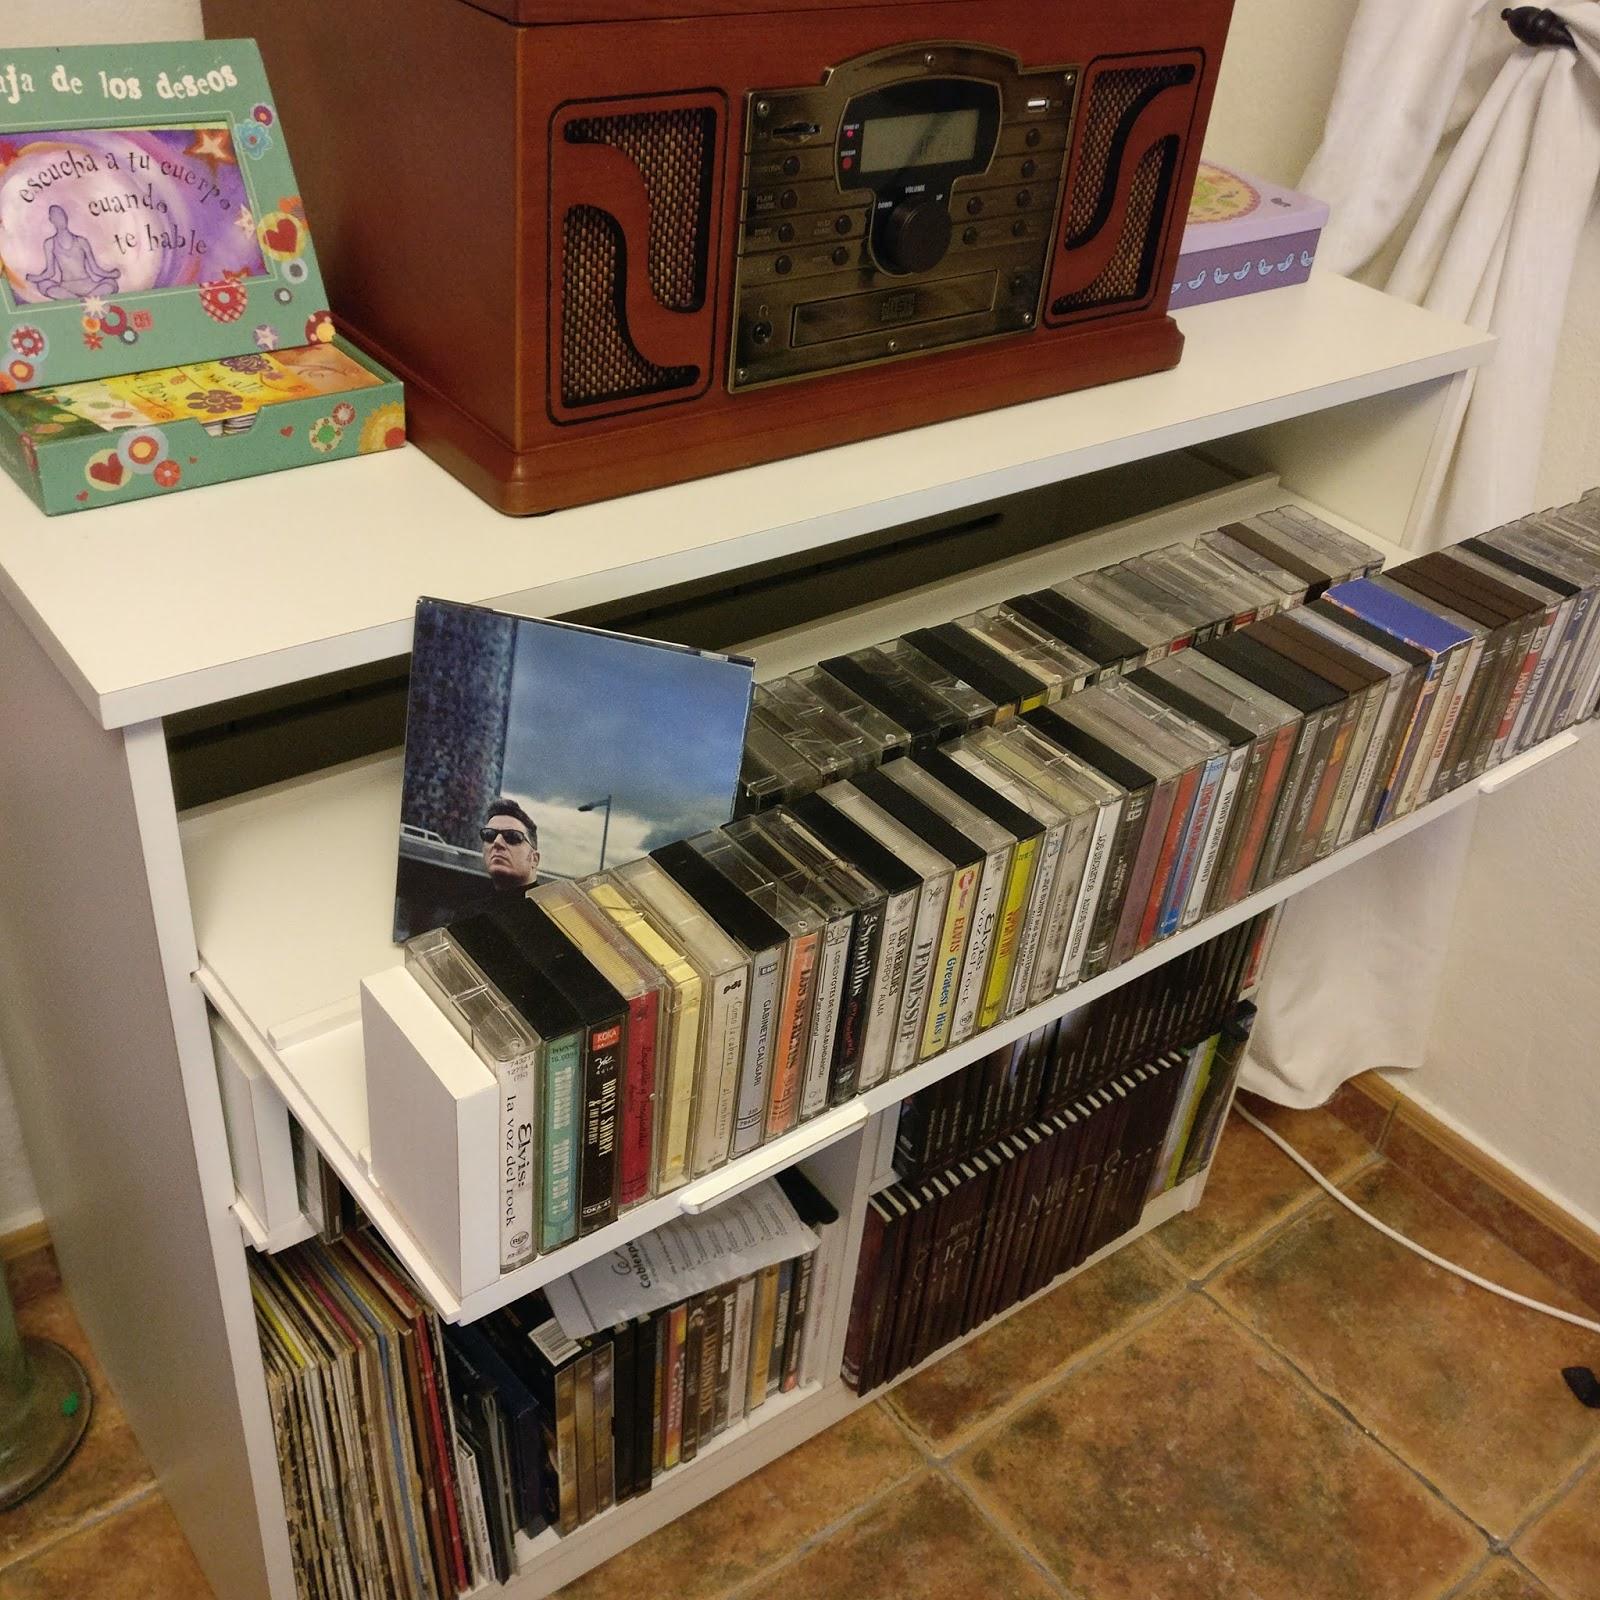 El rincon del mueble mueble para vinilos cd cassete y dvd - Mueble para vinilos ...